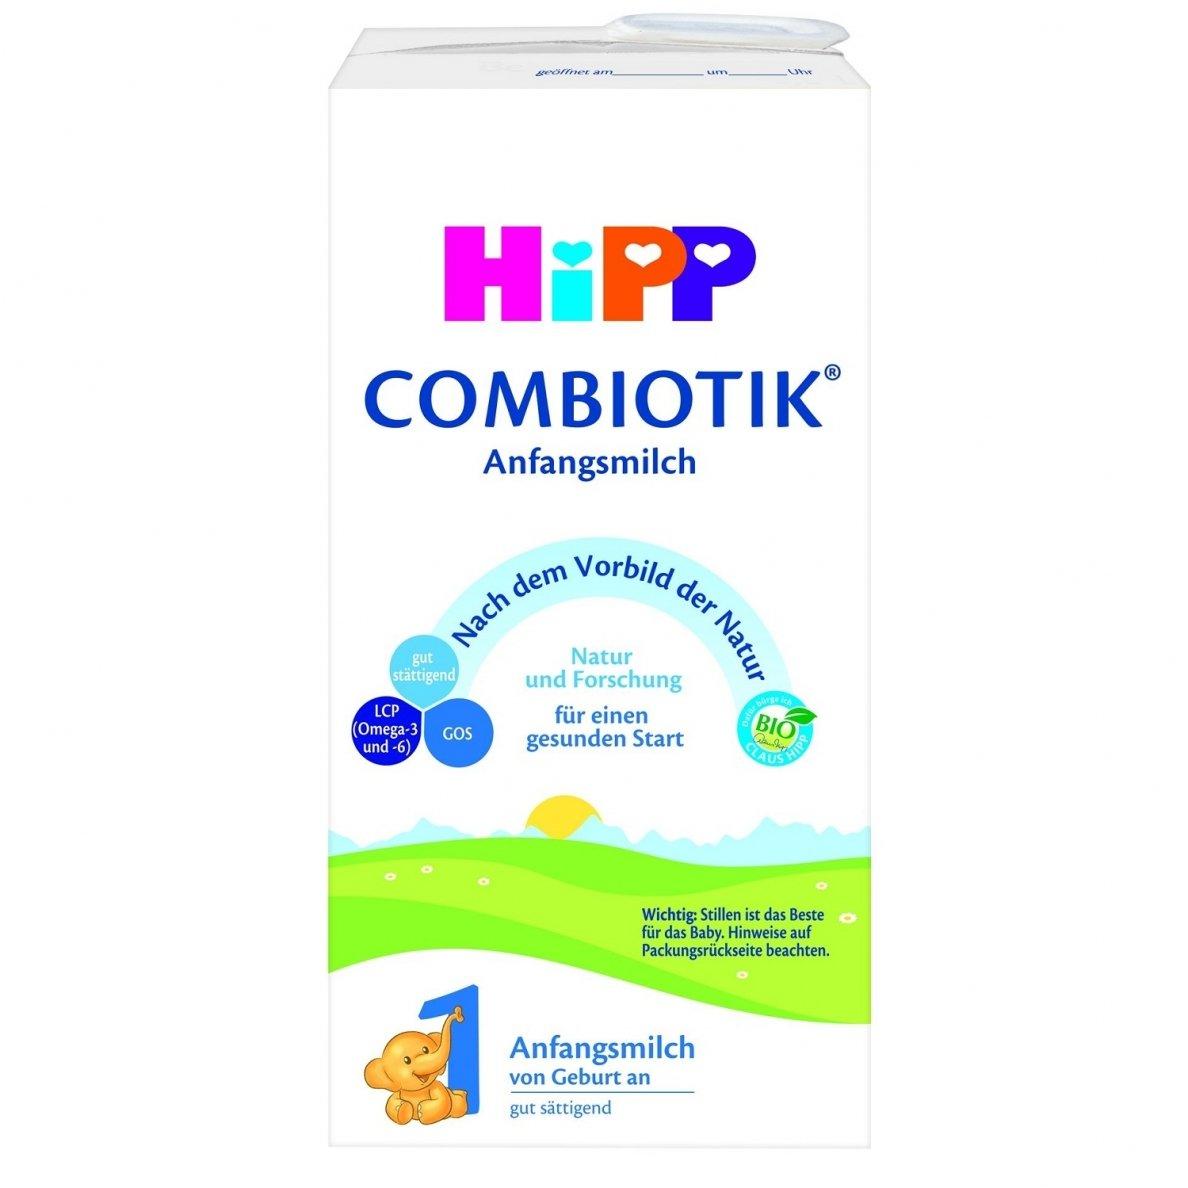 Paruoštas ekologiškas pradinis pieno mišinys HIPP 1 COMBIOTIC (nuo gimimo), 450 ml